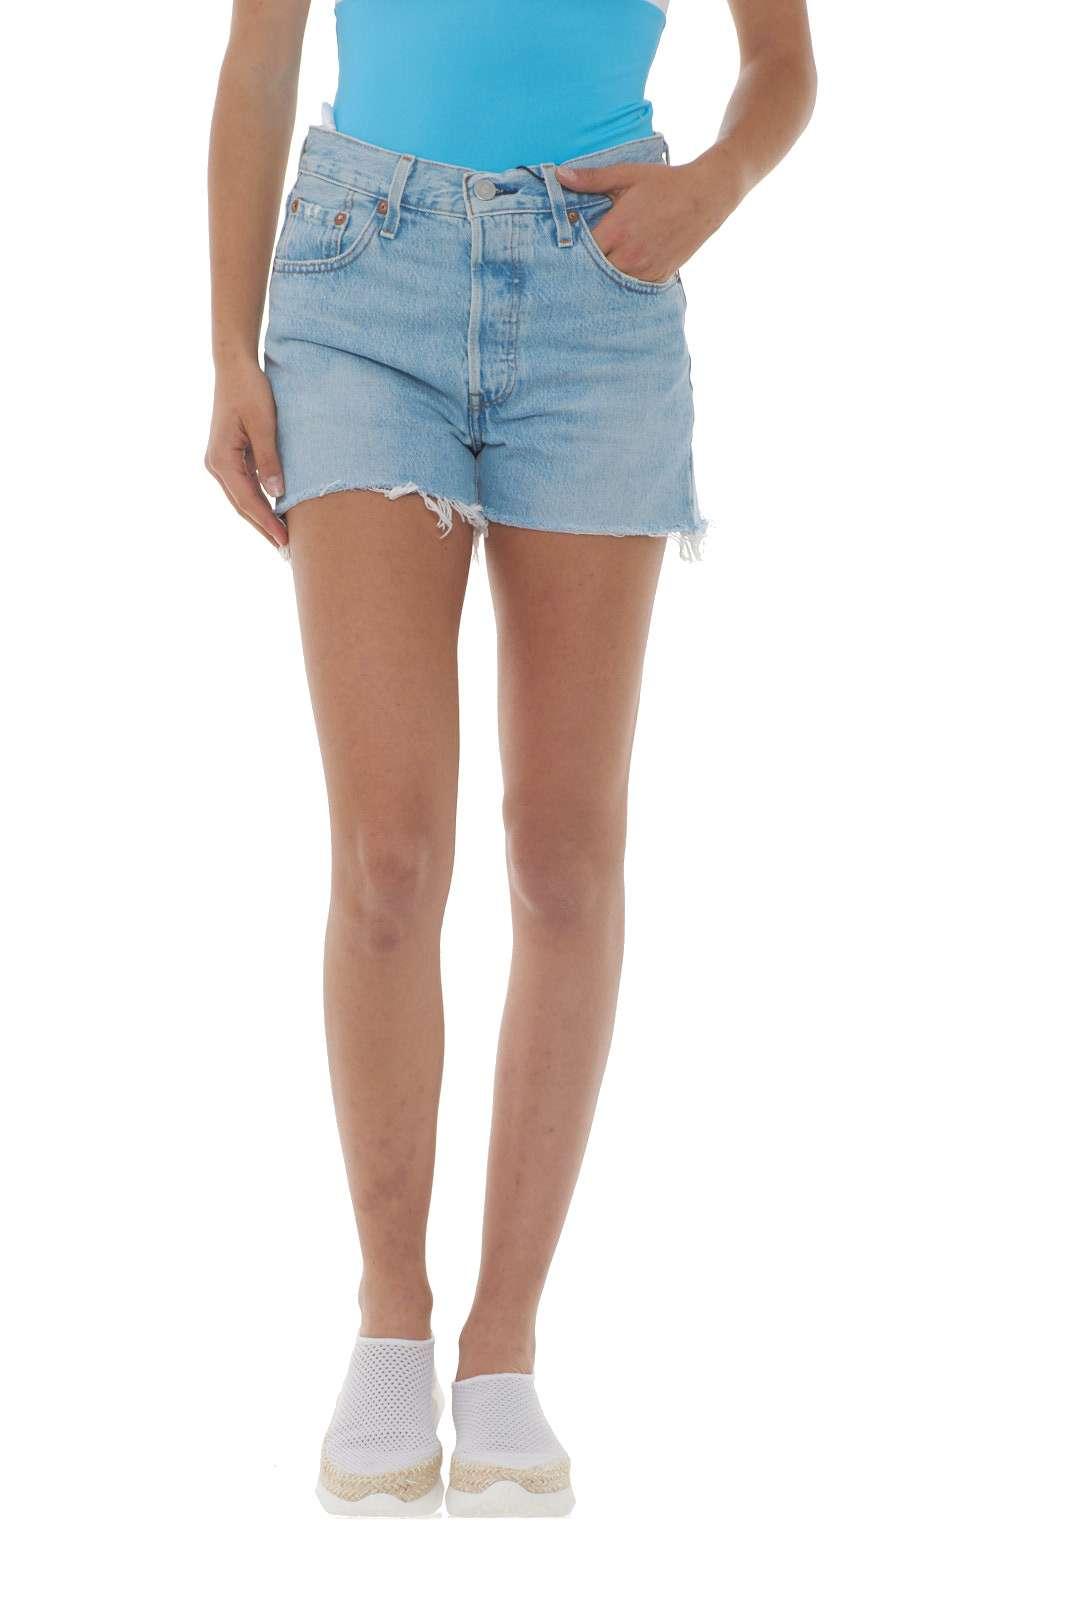 Il capo casual per eccellenza durante l'estate: lo short di jeans, in questo caso il 501 High Rise firmato Levi's. Con il look ormai noto, si propone in un lavaggio più chiaro, con il fondo sfrangiato, regalando quel tocco glamour che nion guasta mai. Un capo davvero irrinunciabile per la tua estate.  La modella è alta 1.68m e indossa la taglia 25.